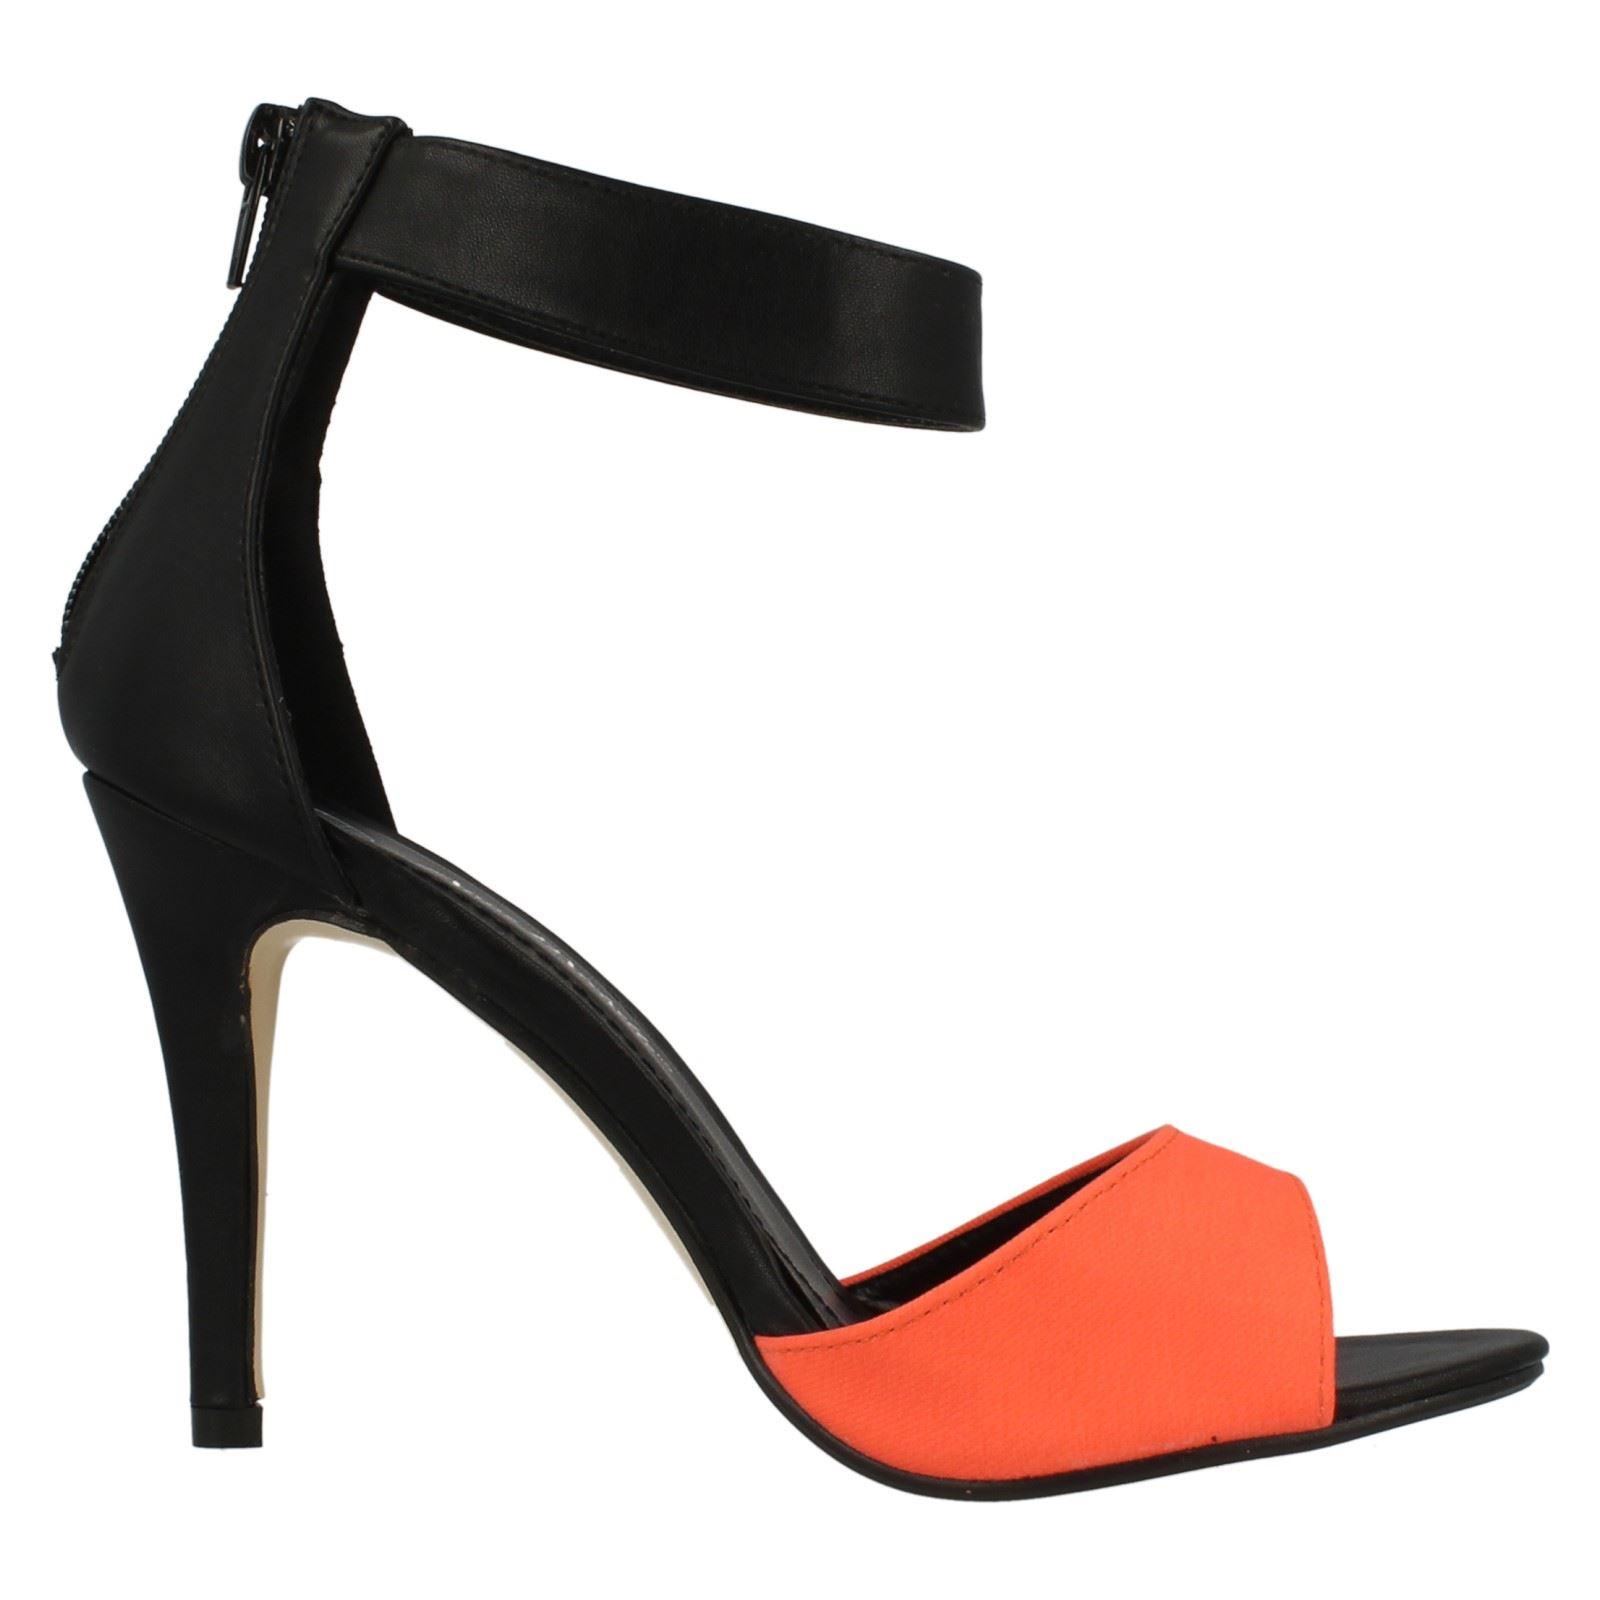 Señoras Anne Michelle alto talón sandalias Fashion